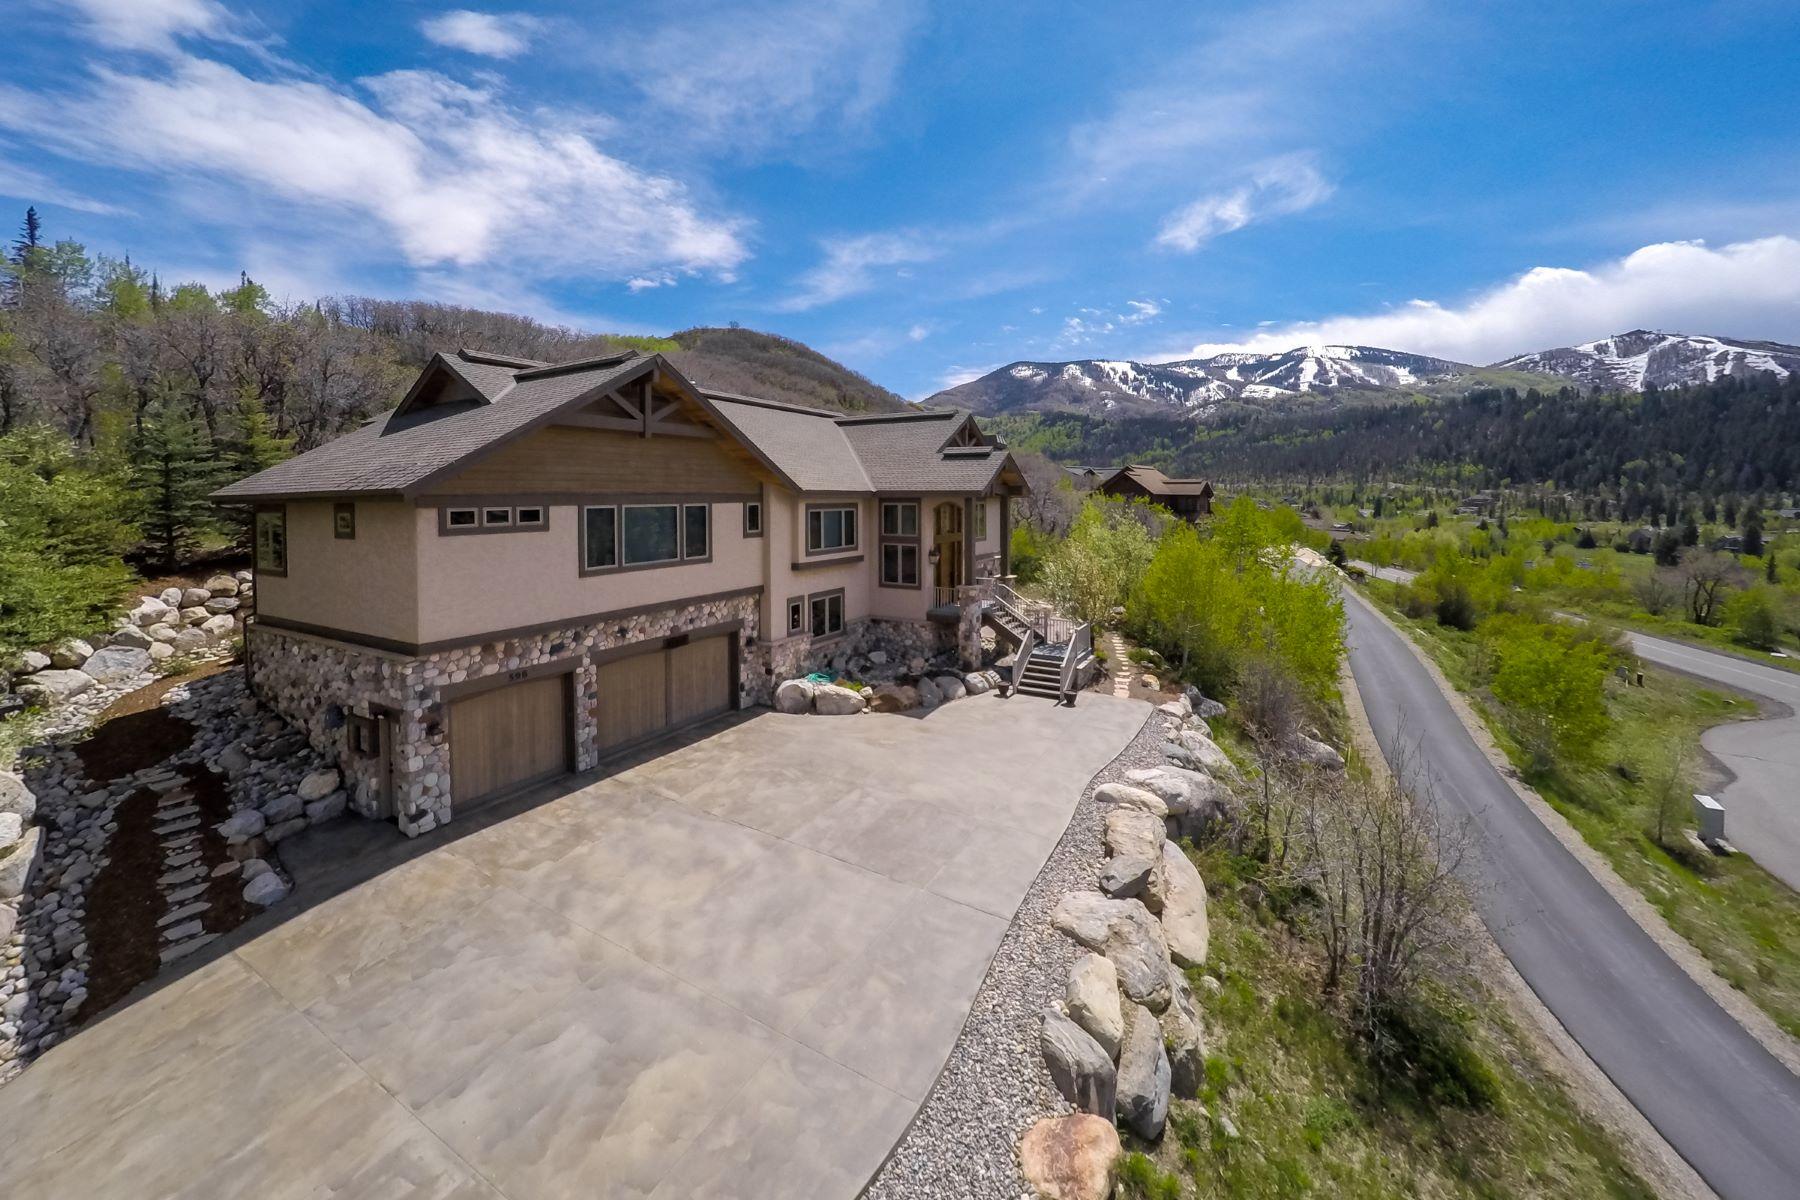 Maison unifamiliale pour l Vente à Sanctuary 598 Forest View Dr. Steamboat Springs, Colorado, 80487 États-Unis